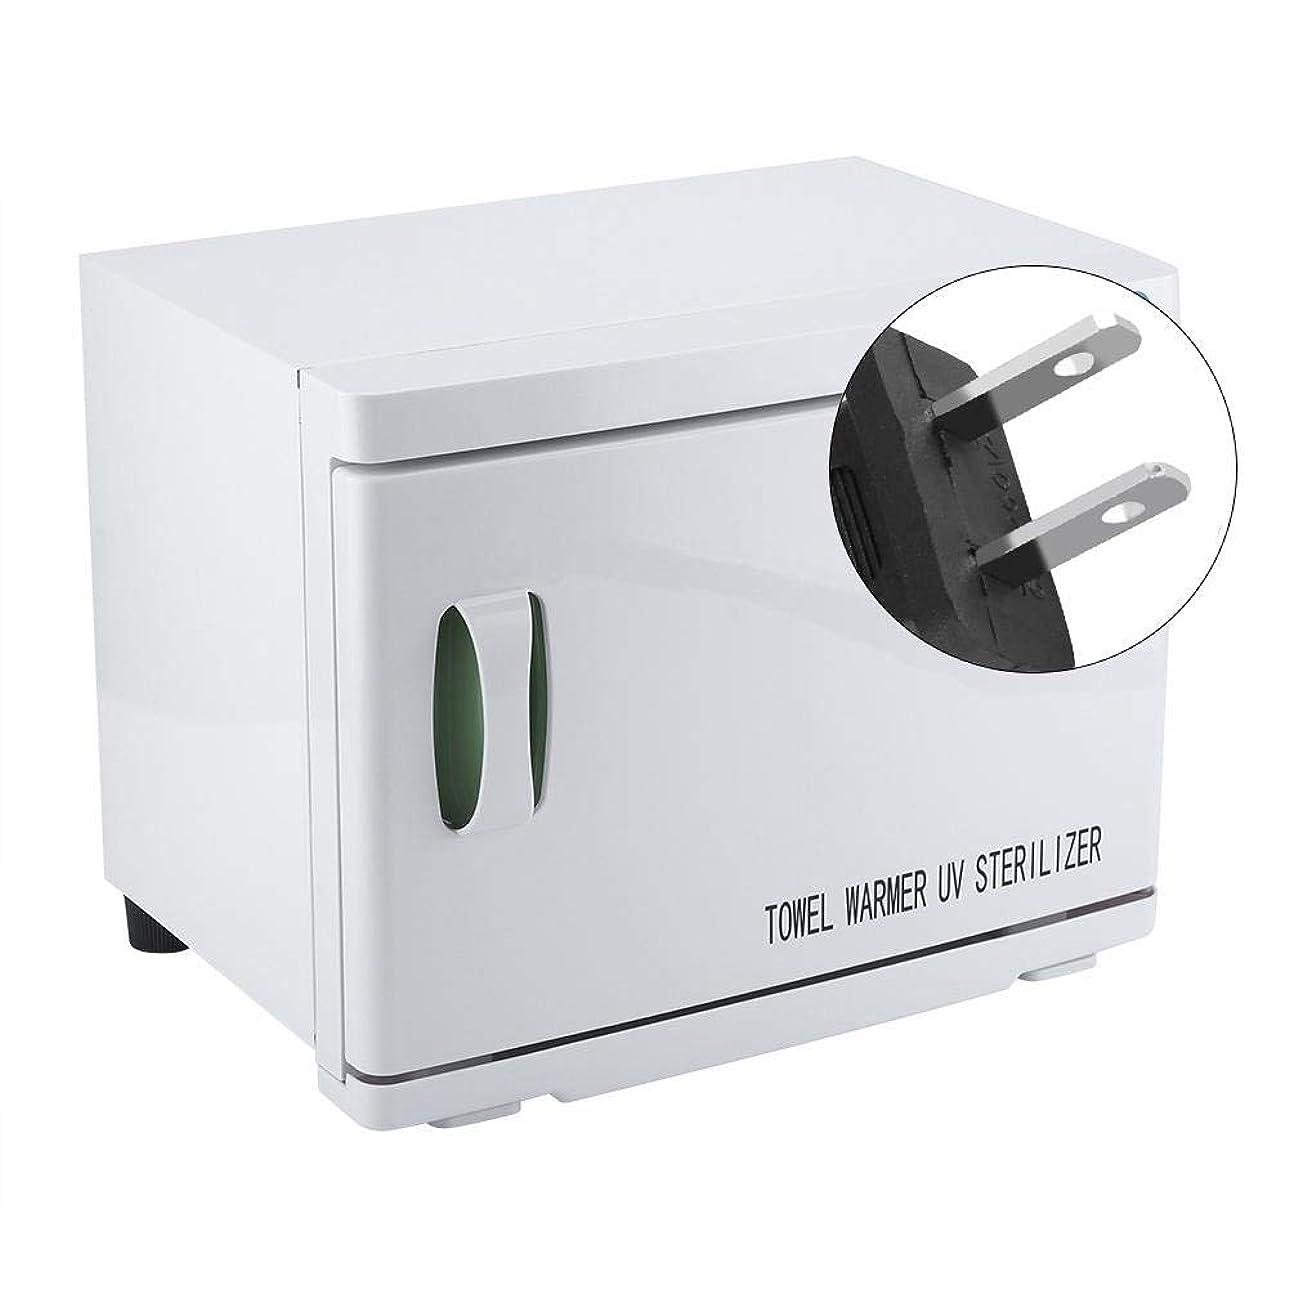 資金上げる銀河Acogedor タオルウォーマー タオル蒸し器 滅菌機 多用途 タオル 服 歯ブラシ 哺乳瓶 紫外線 UV 消毒 USプラグ 23L 加热温度:60℃±10℃ (110V)